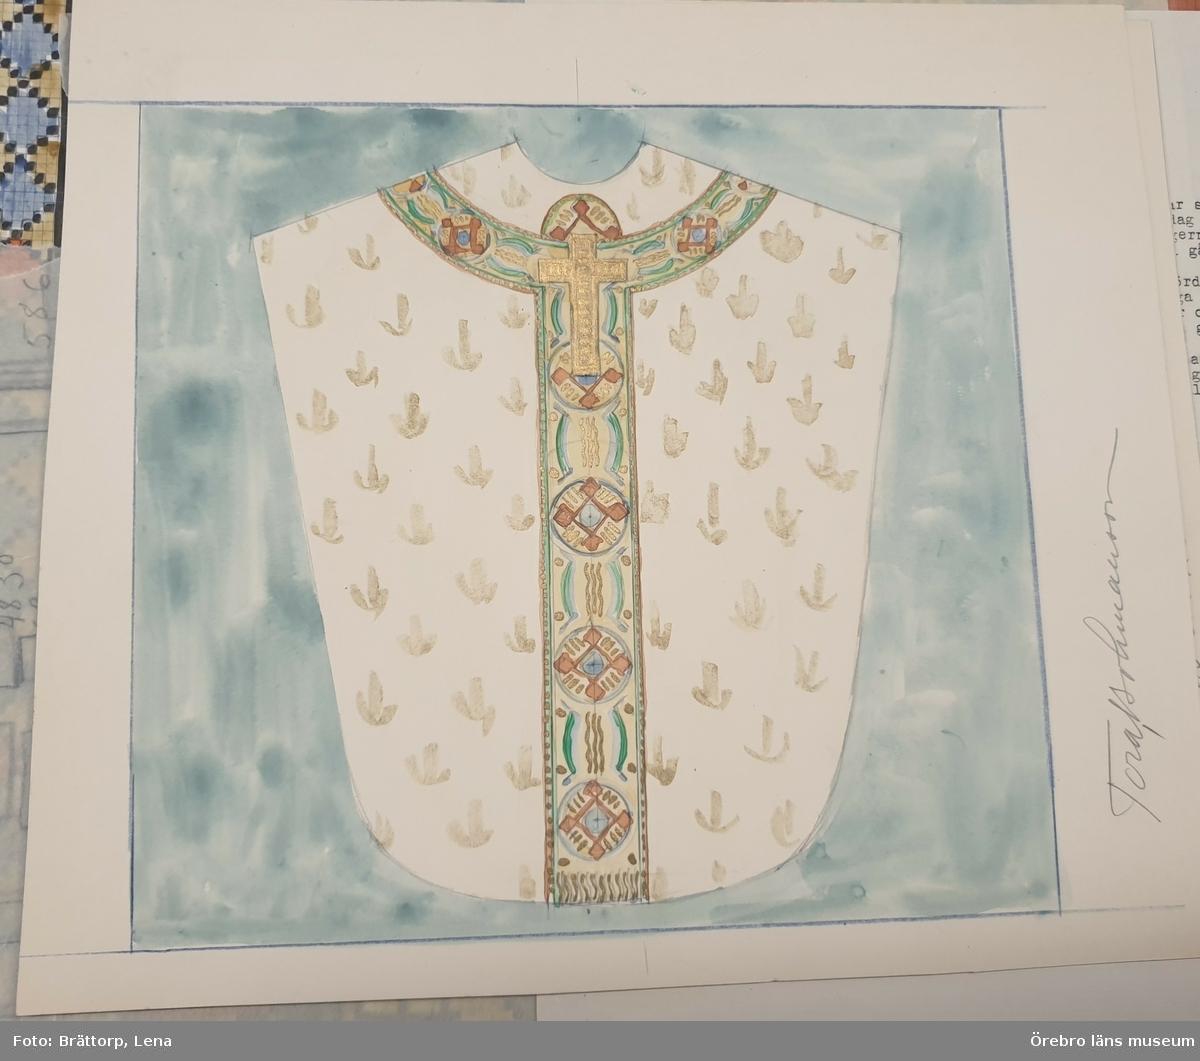 Skisser (akvarell) till ryamattor, kyrkmattor, kormattor, doprumsmattor, mm. 1930-talet. Hällefors, Bjurtjärn, Örebro Nikolai, Kil, Kräcklinge och Öja kyrkor. Mapp med cirka 40 skisser i akvarell och blyerts. Tora Aronsson, född Bohmansson (1919-1985). Aronsson som formgav många textilier, framförallt mattor, var knuten till Örebro läns hemslöjd. Hon tecknade även exlibris. Se även OLM-1935.130-1 och OLM-1936.173-1. Publ. Tidningen Hemslöjden 1939, sid 86.